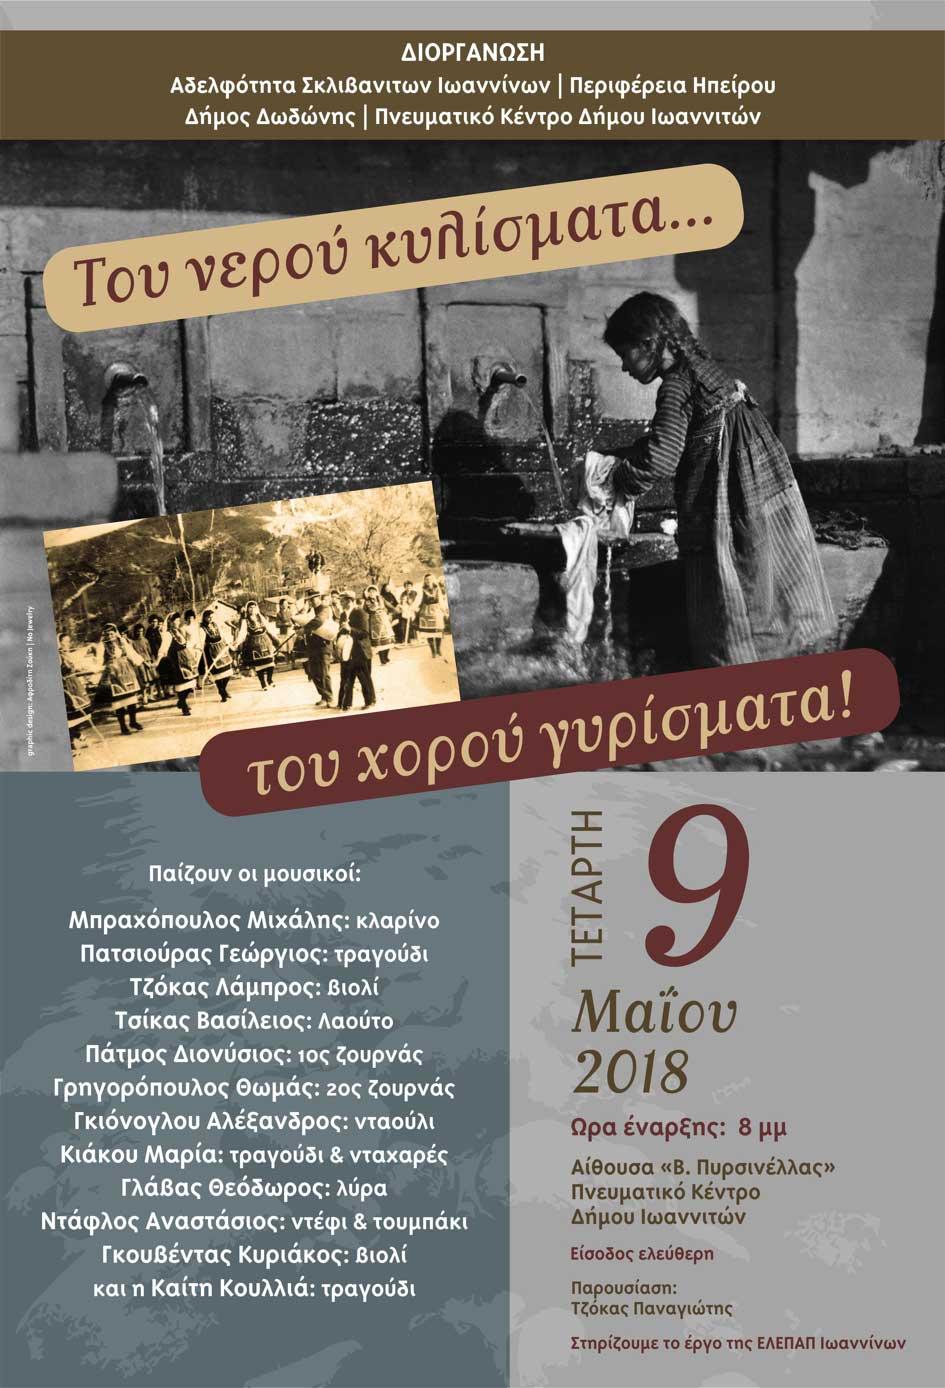 Γιάννενα: Μουσικοχορευτική εκδήλωση της Αδελφότητας Σκλιβανιτών